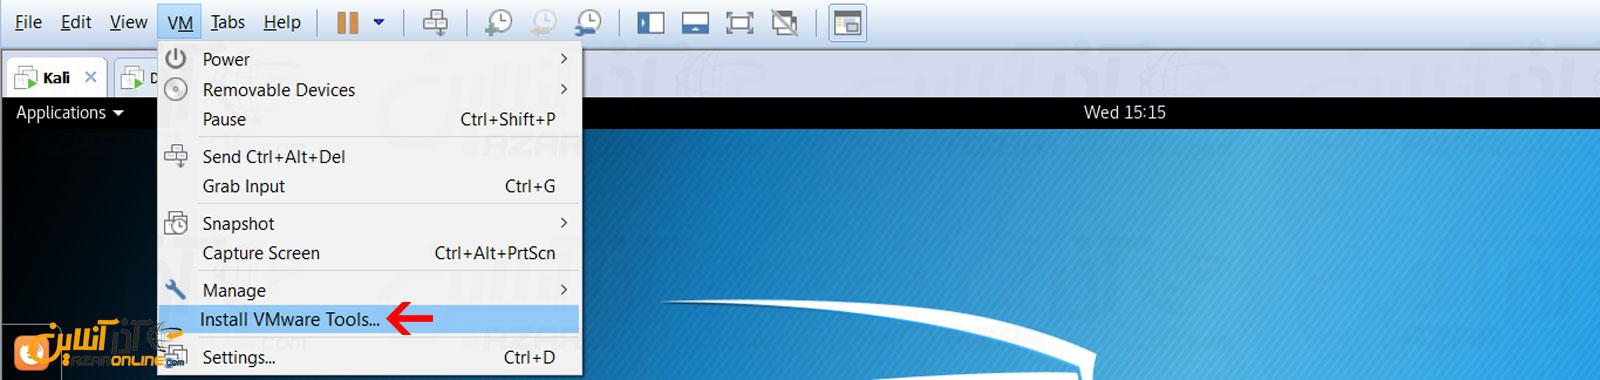 کلیک بر روی Install VMware tools